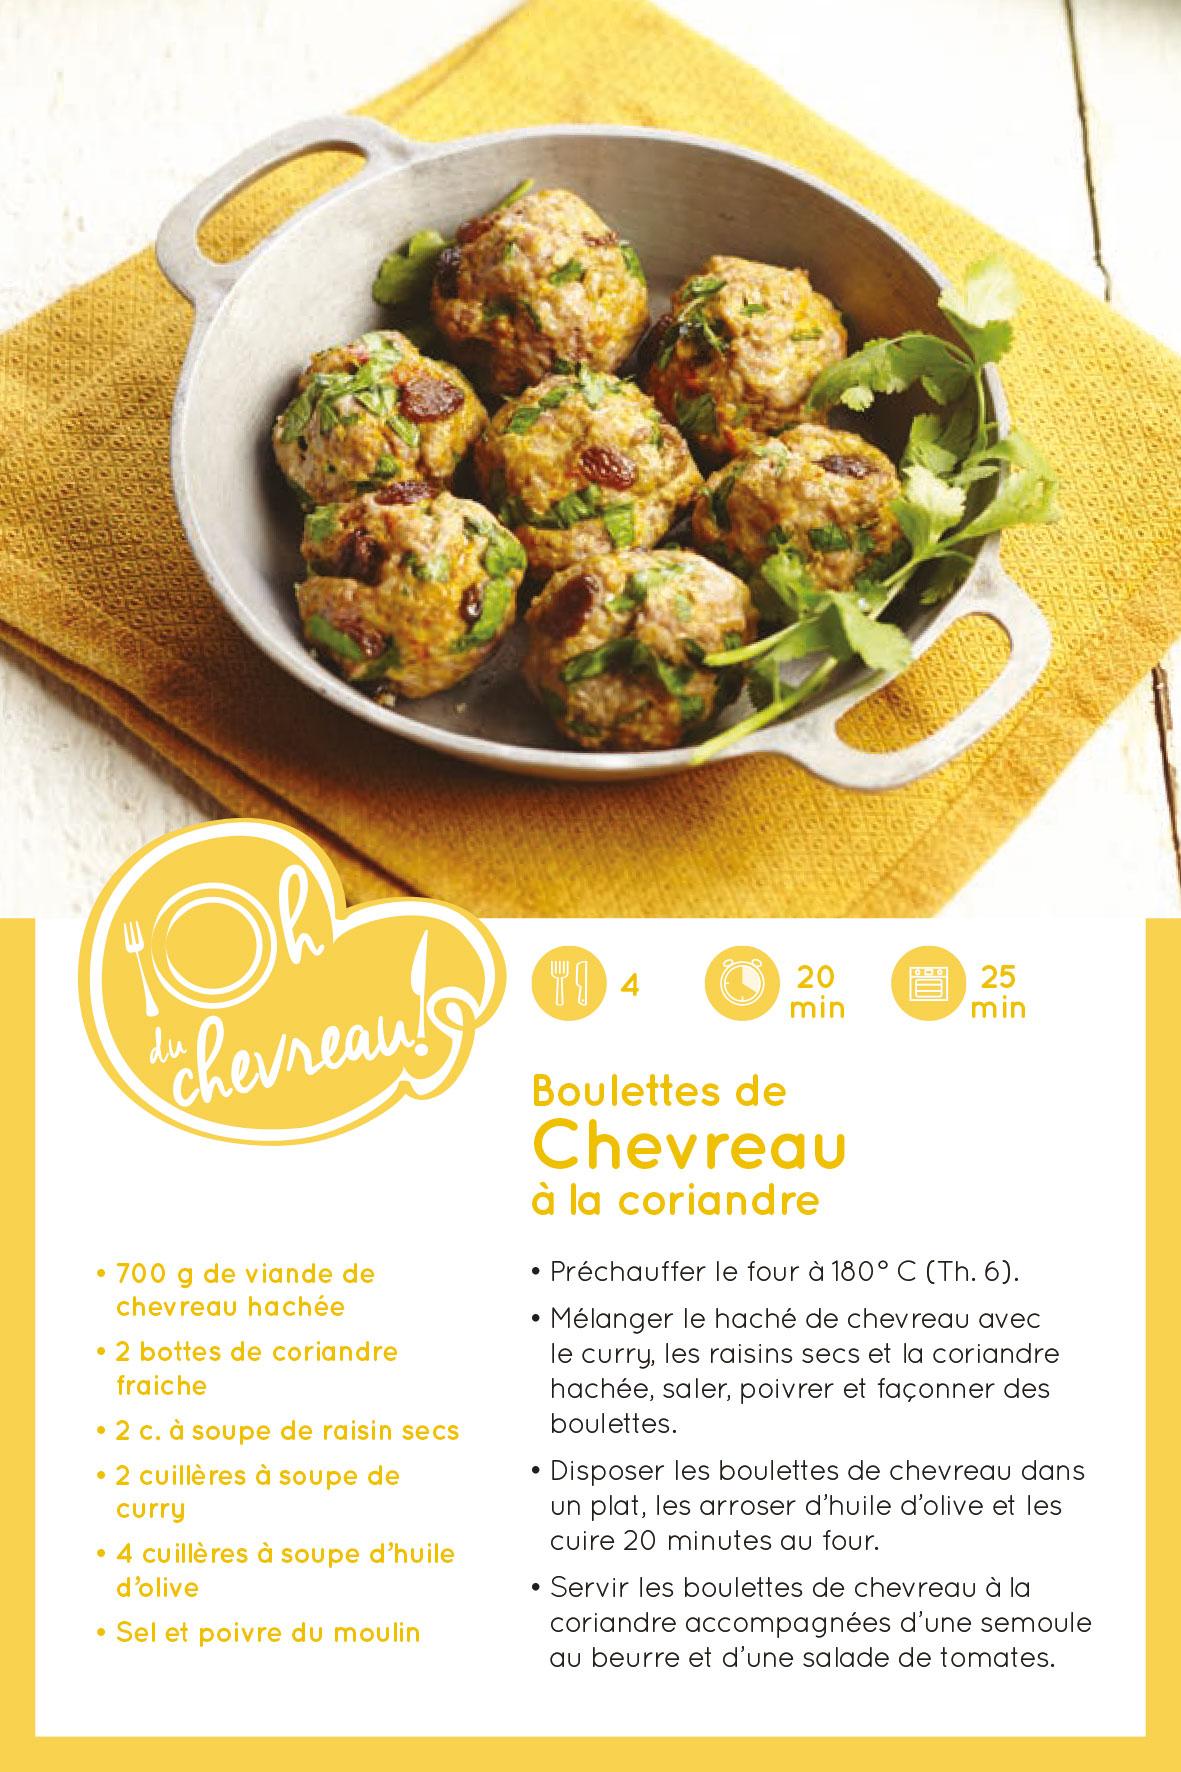 boulettes-chevreau